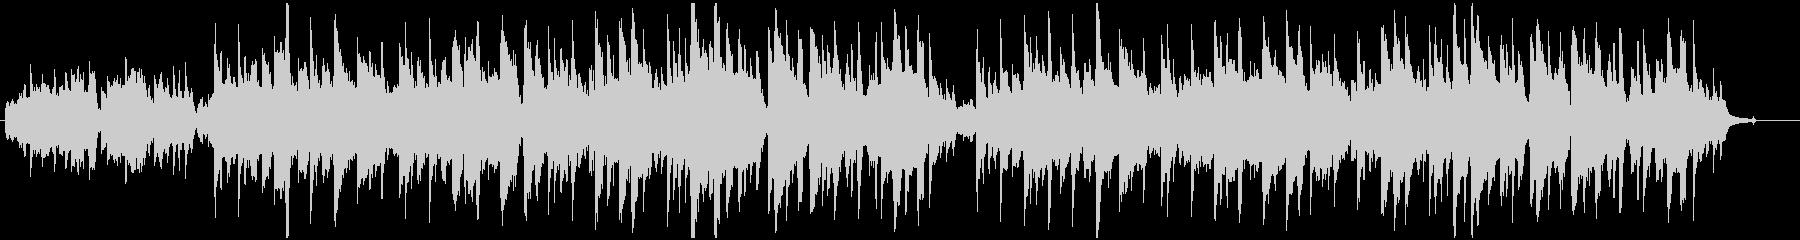 アイルランド民謡のアコースティックカバーの未再生の波形